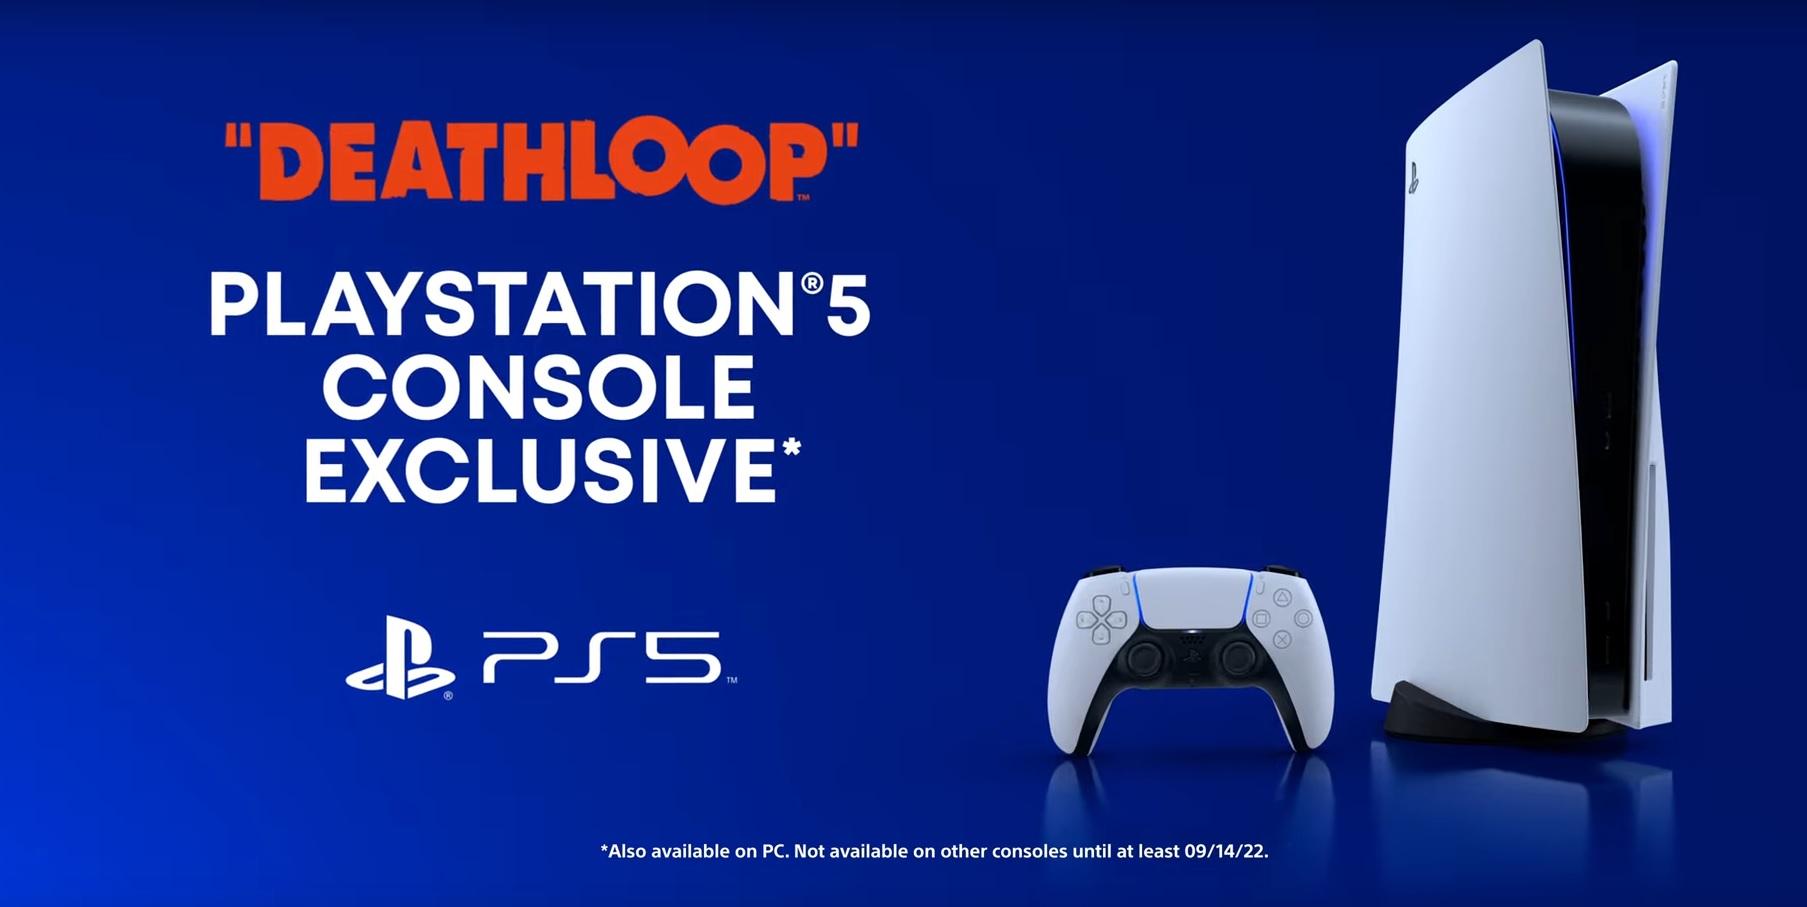 Deathloop - PS5